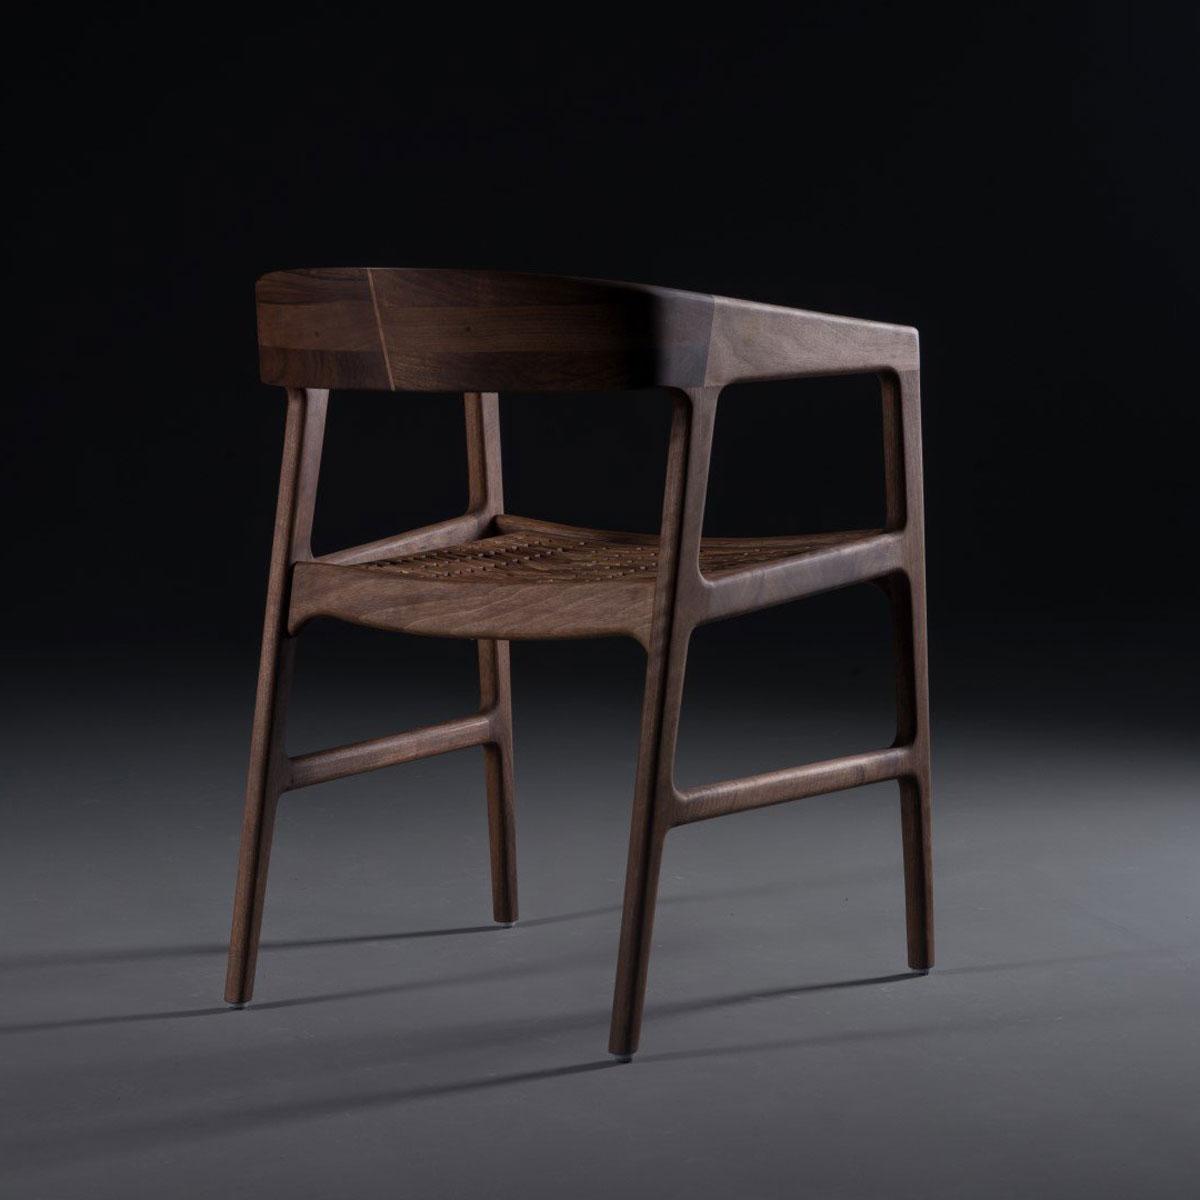 Silla Colección Tesa con diseño moderno en madera y tapicería, de producción artesana y exclusiva de calidad